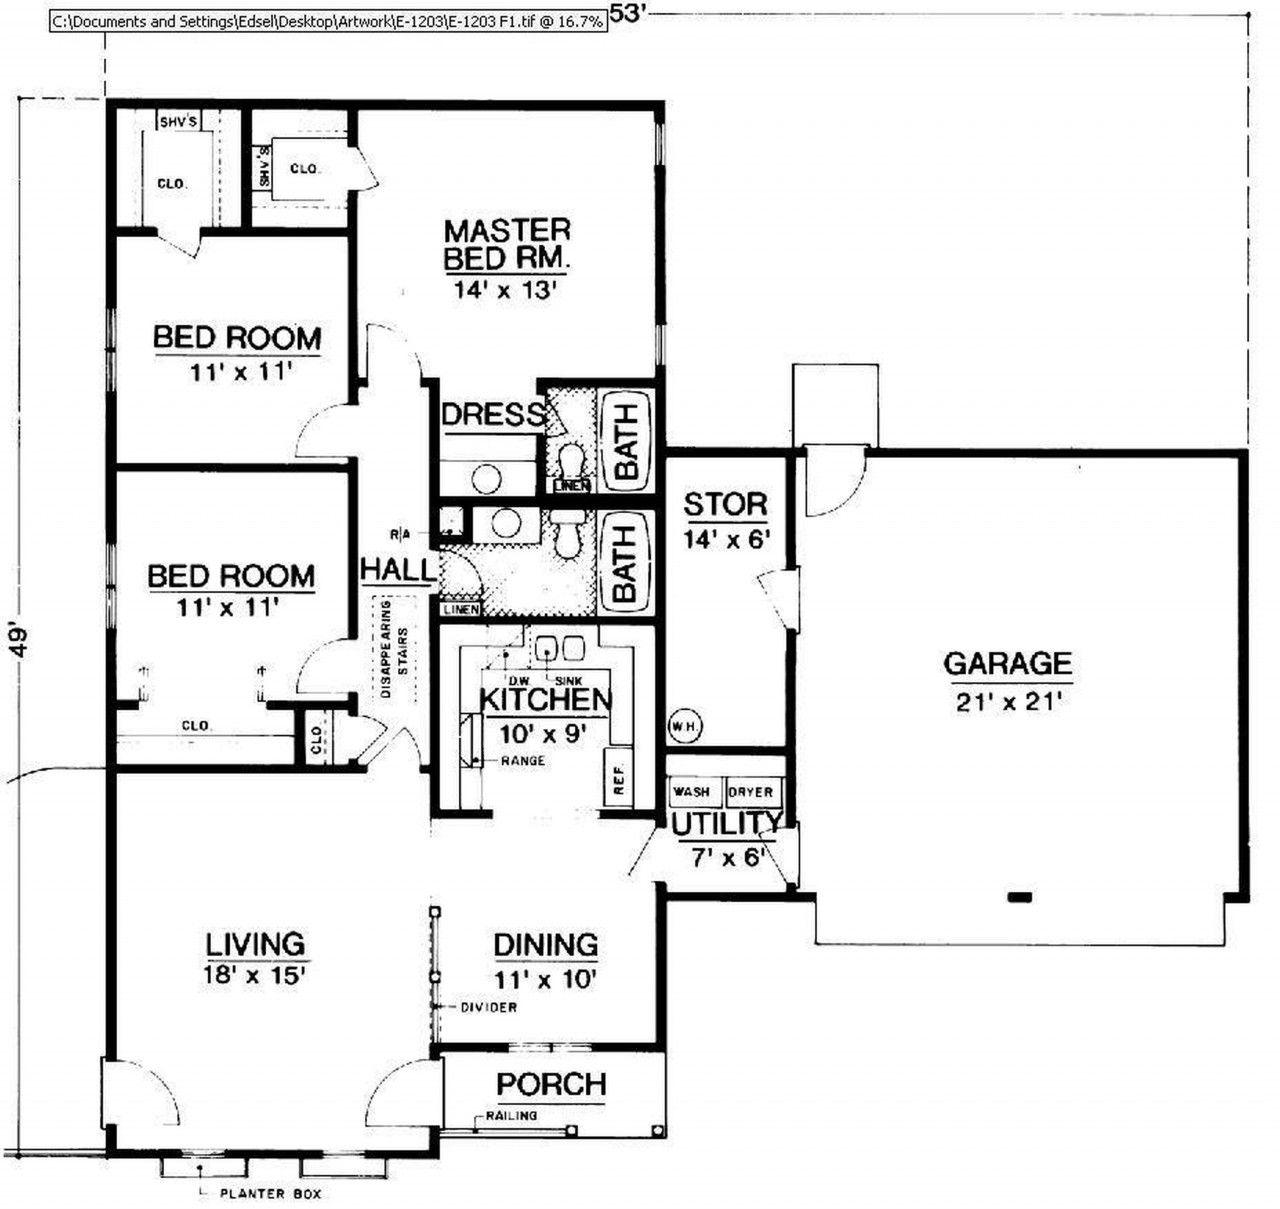 1203 Floor Plan Home Ideas Floor Plan Design Home Design Plans Shop House Plans